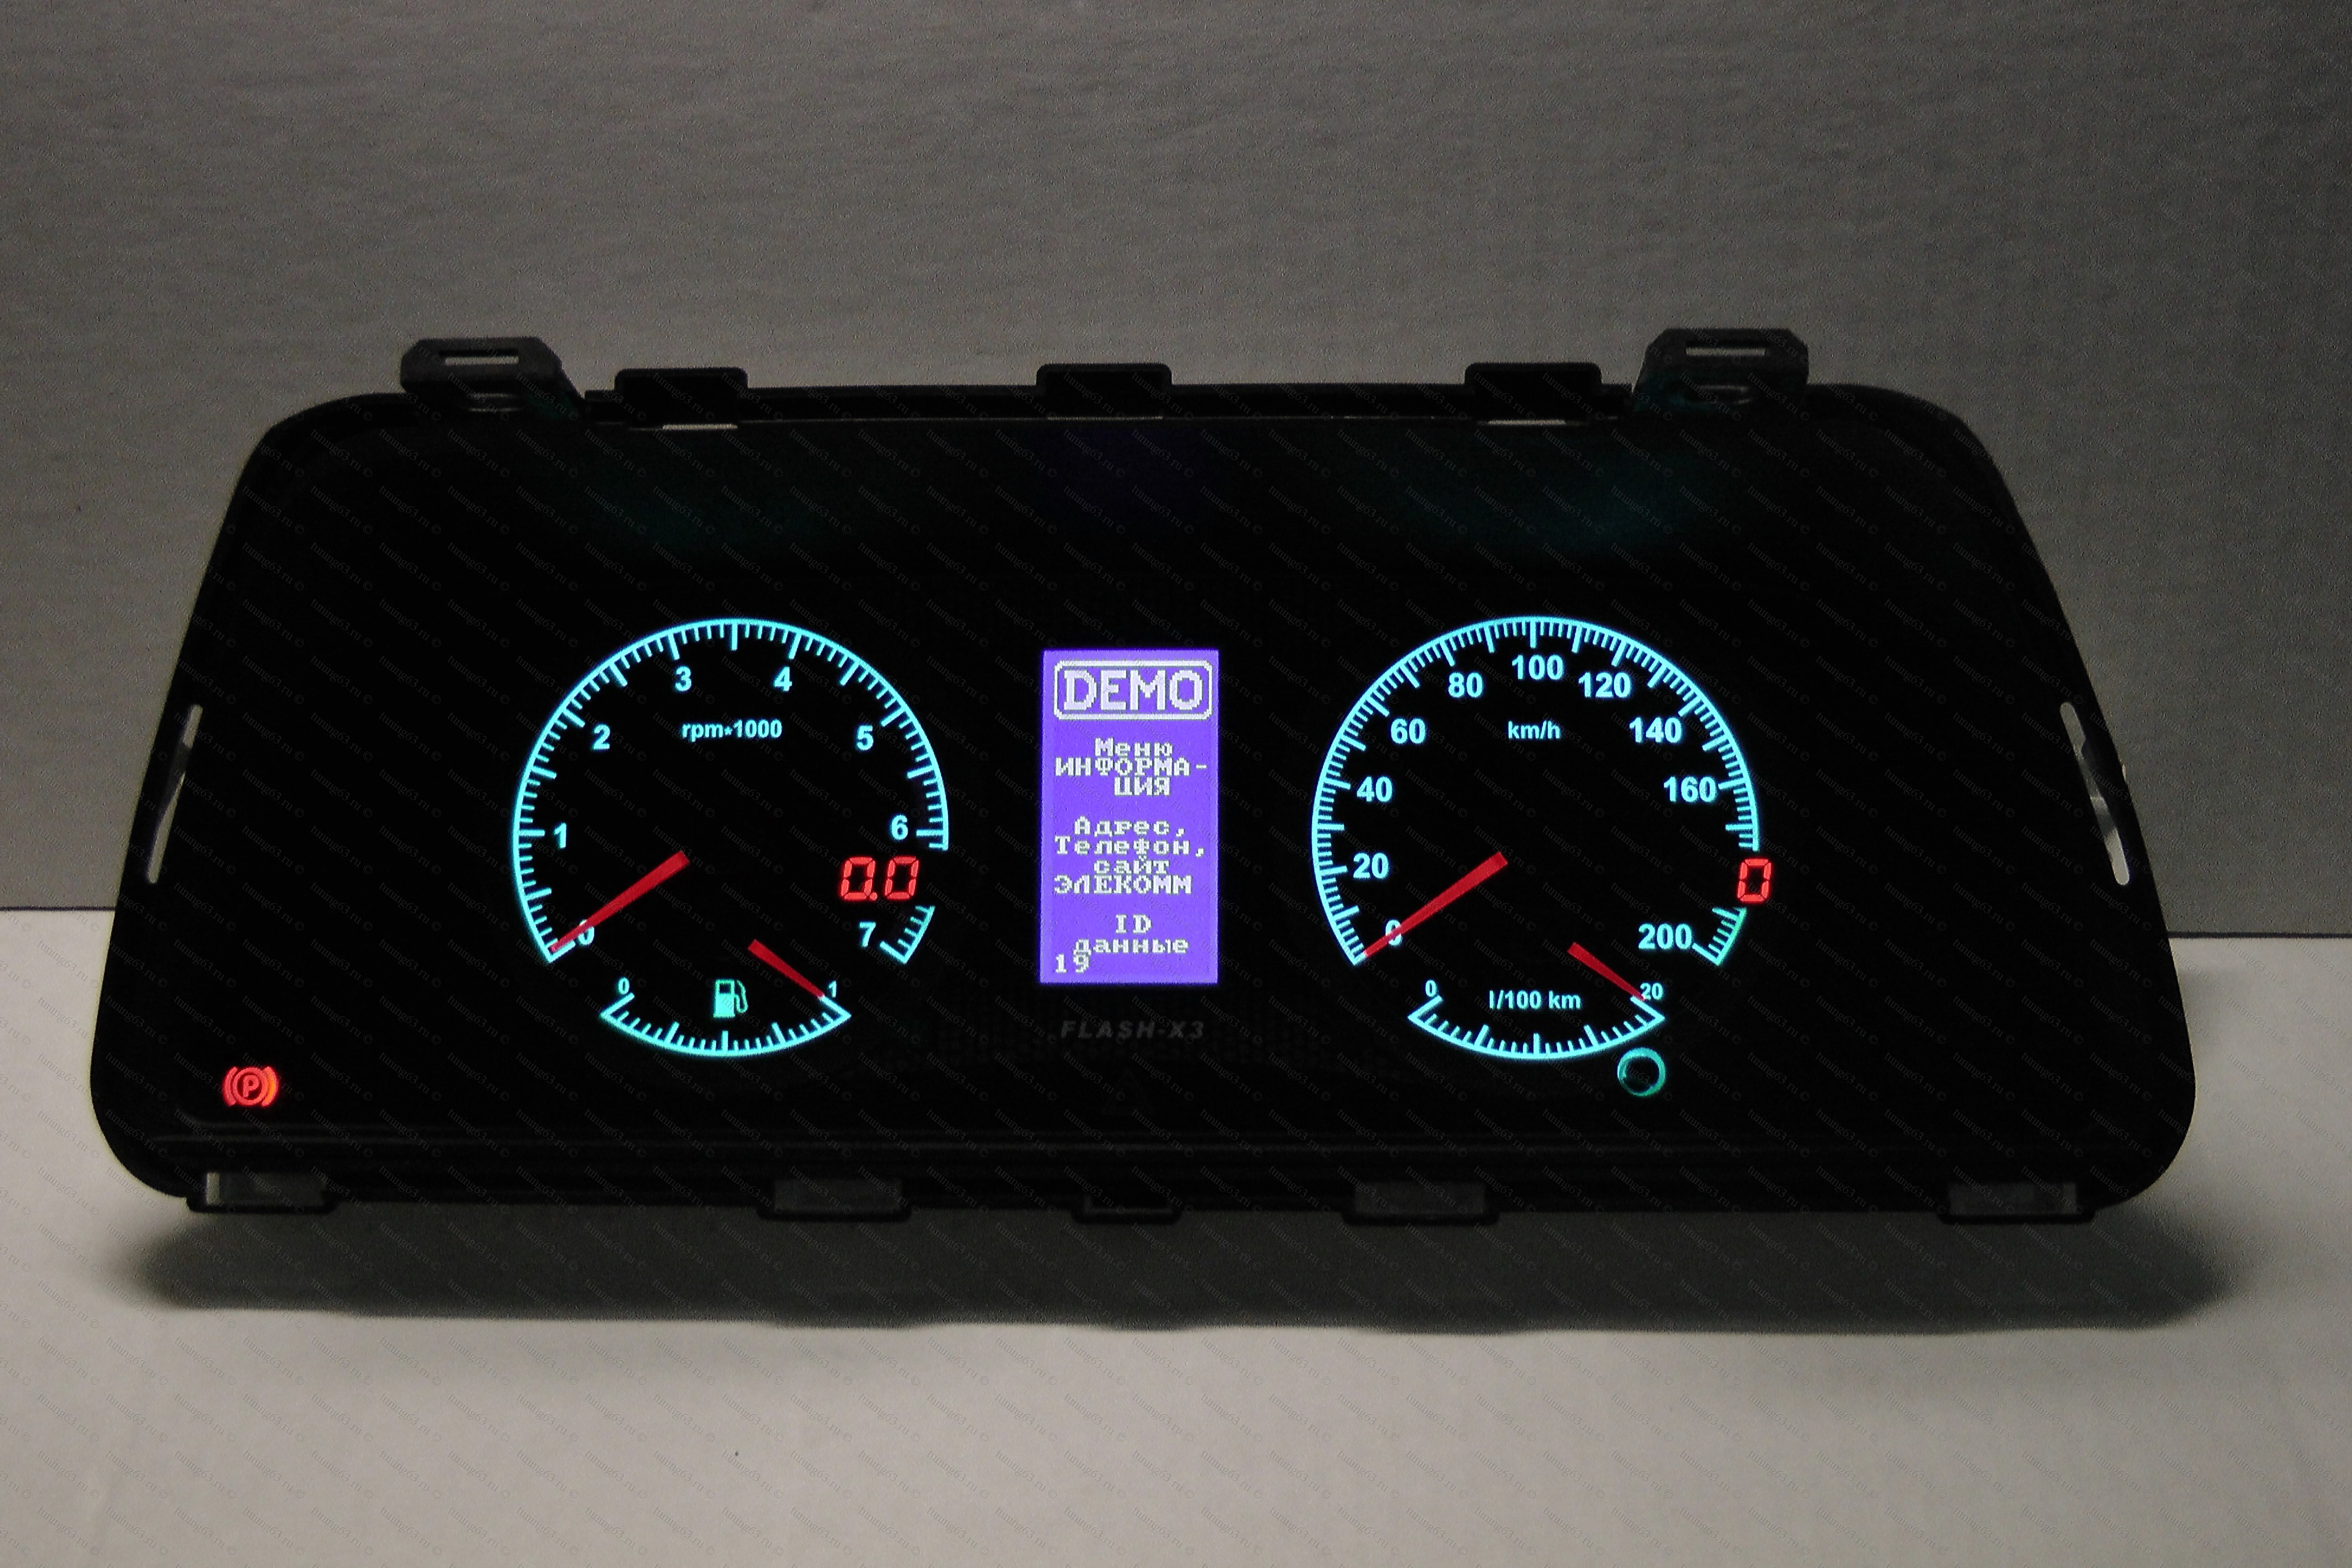 Фото №9 - приборная панель ВАЗ 2110 с бортовым компьютером